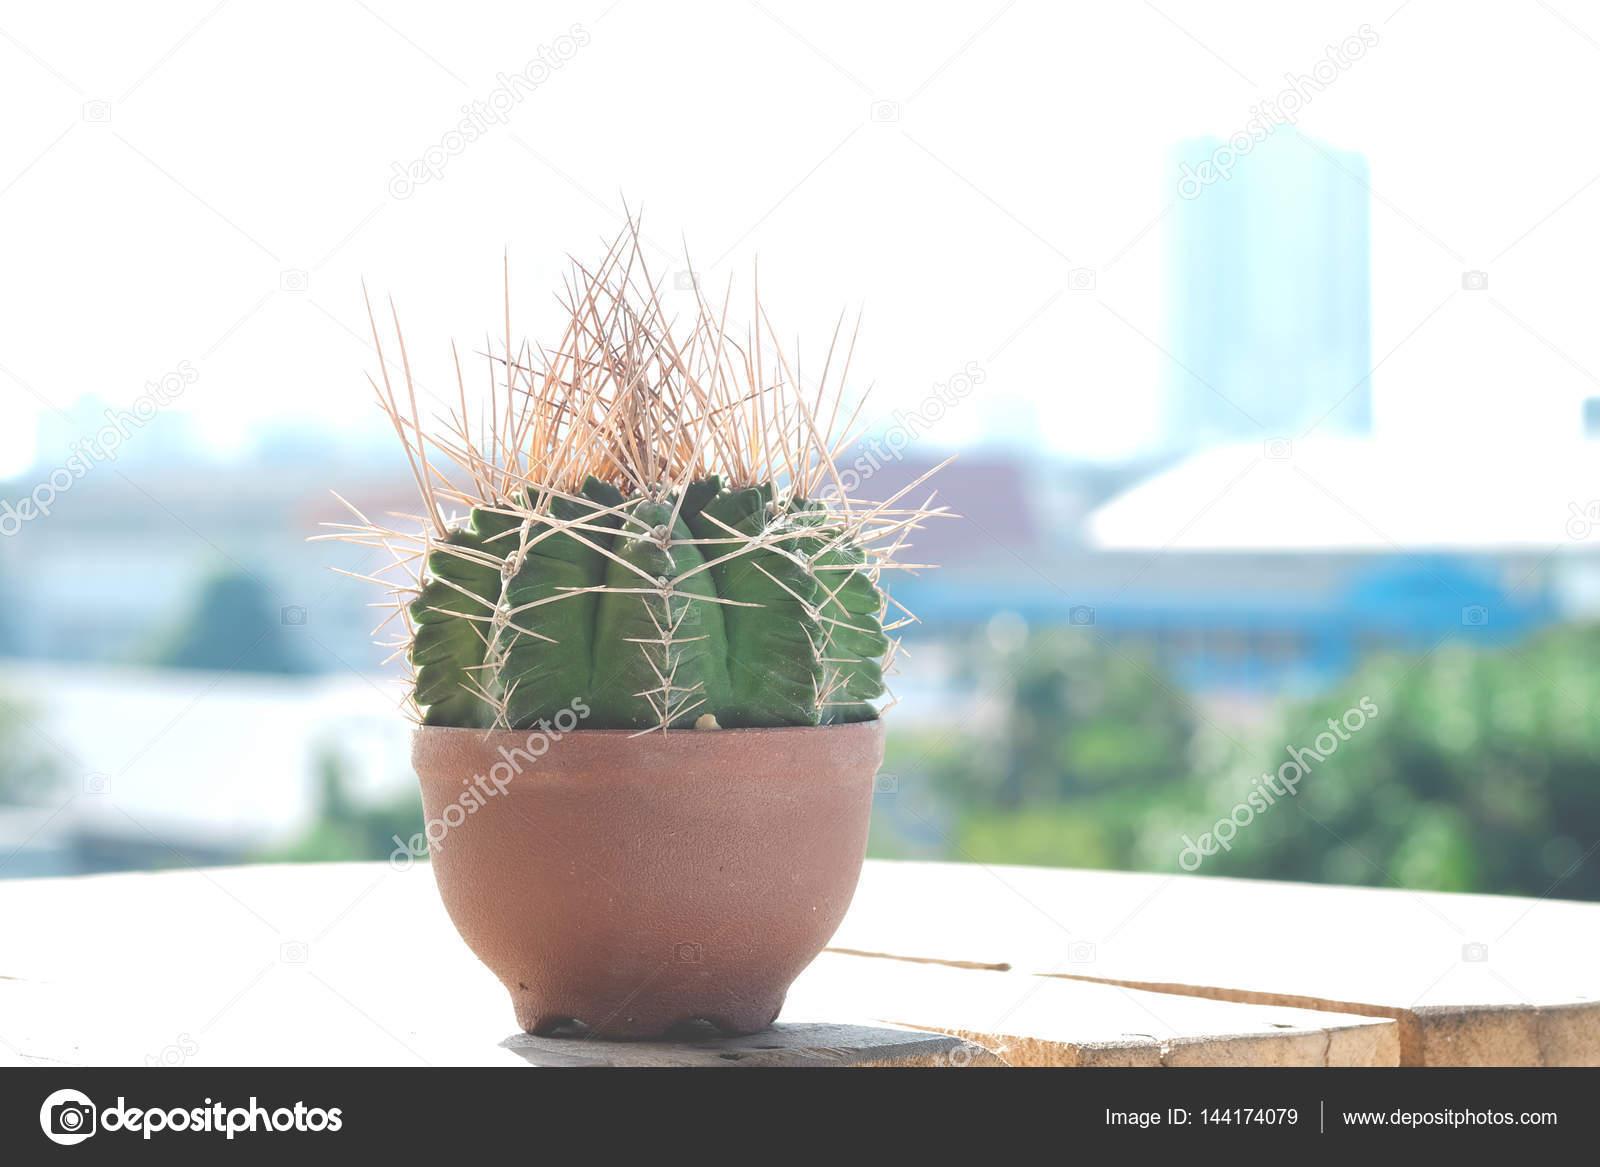 Kunststof Tuin Pot : Kleine cactus in kunststof potten op het terras van een houten vloer